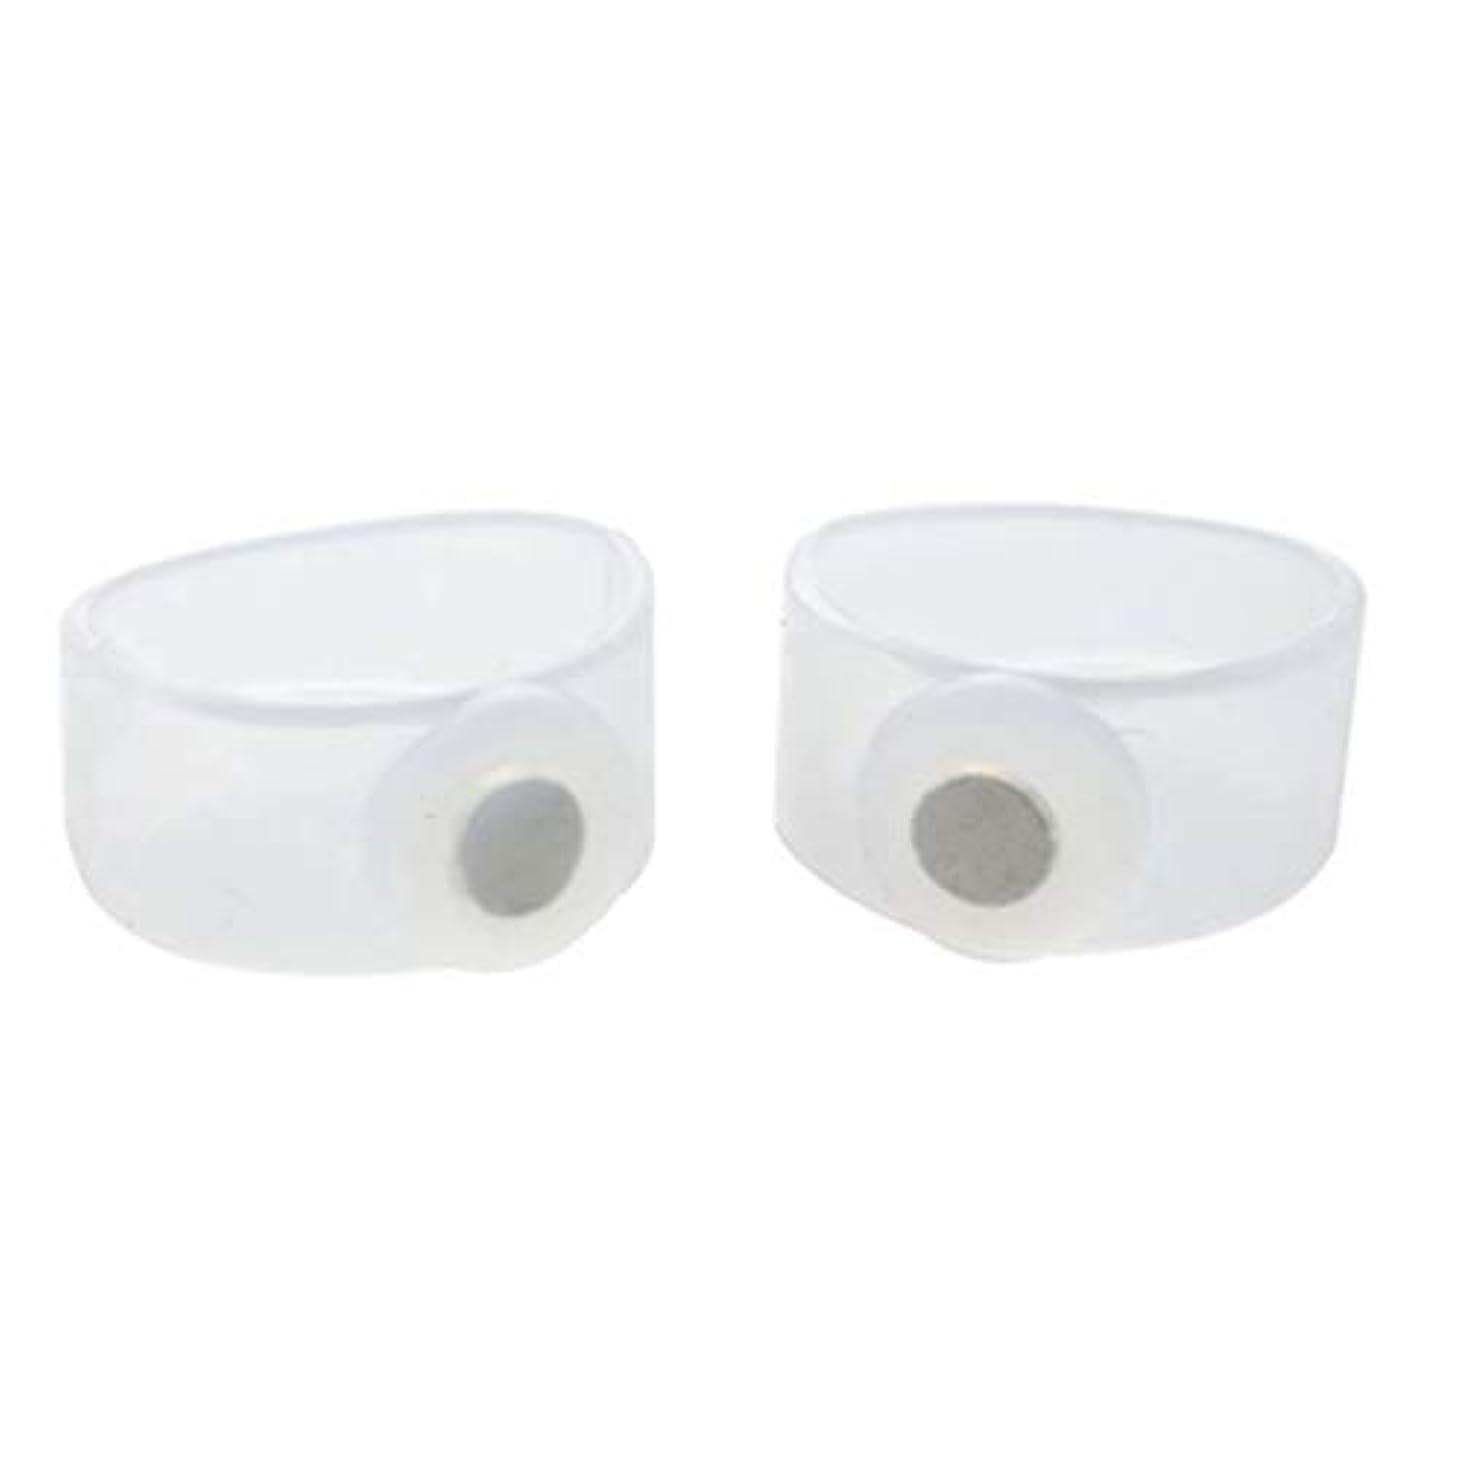 失態ブラウズ黙2ピース痩身シリコン磁気フットマッサージャーマッサージリラックスつま先リング用減量ヘルスケアツール美容製品 - 透明